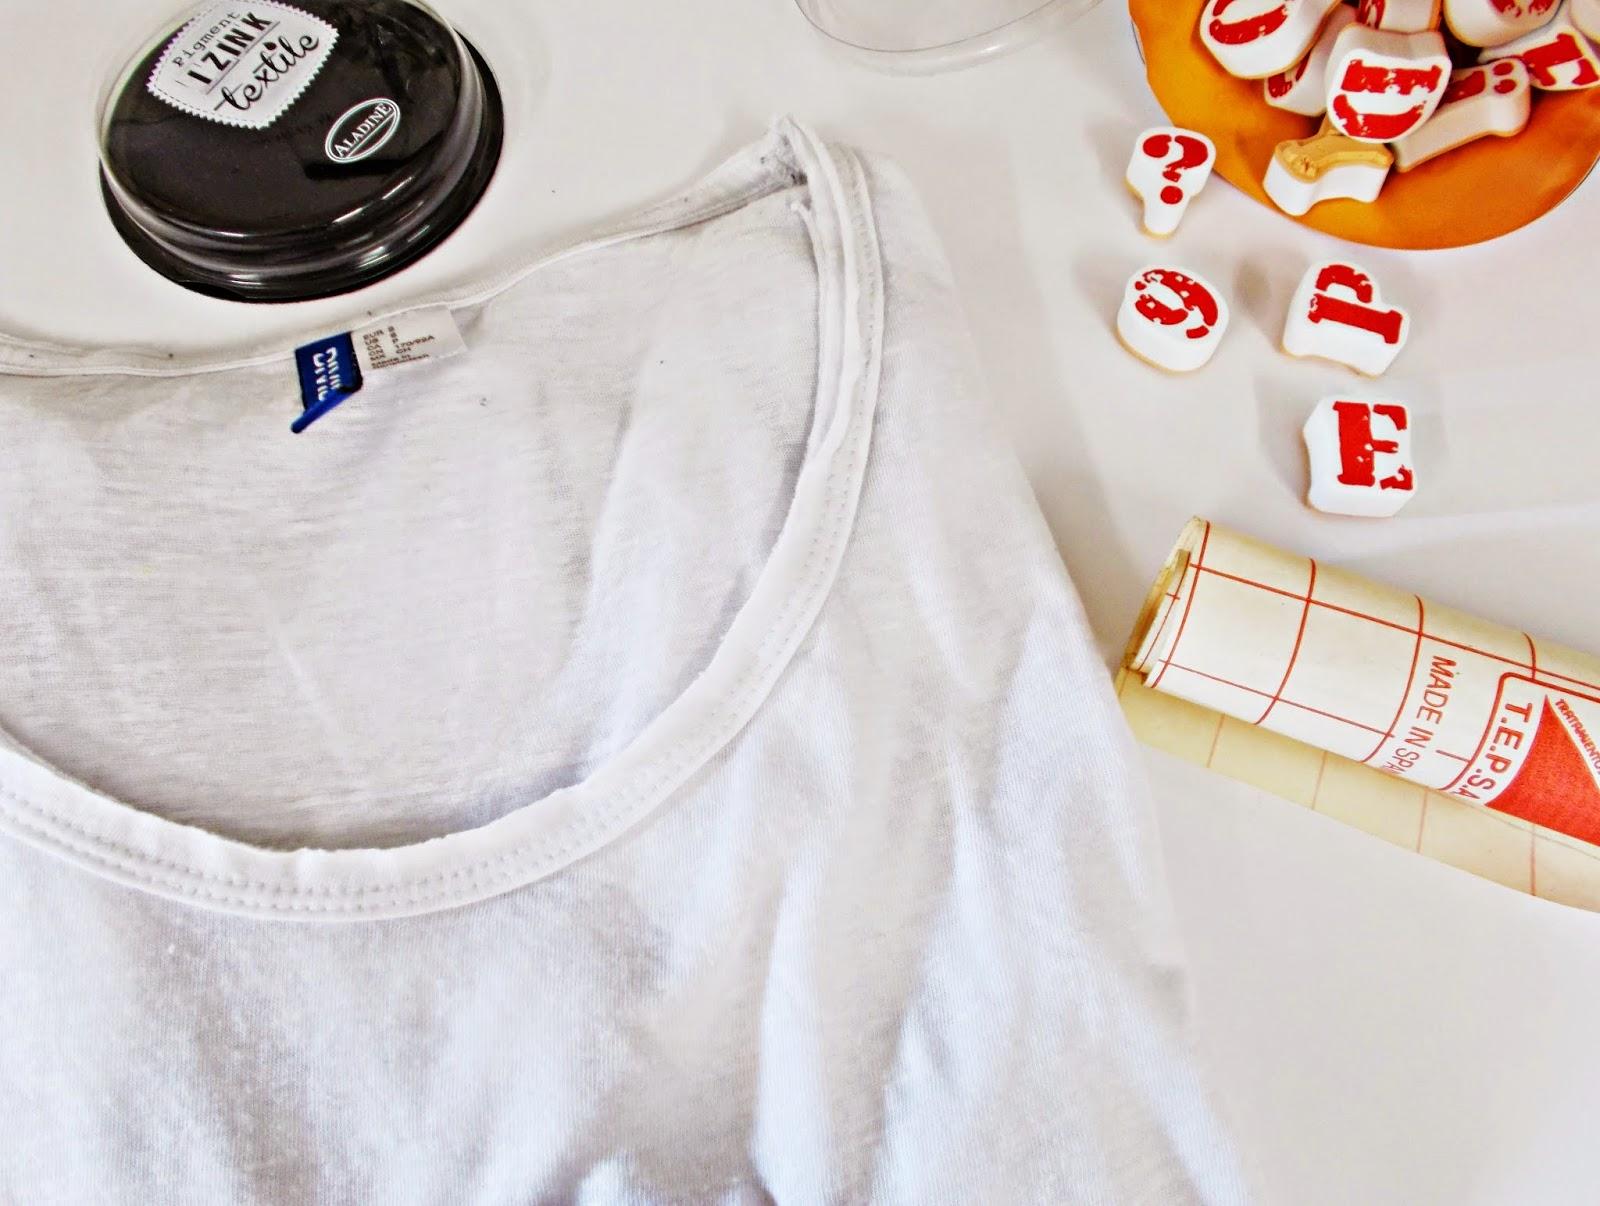 DIY-camiseta-pintada-estarcido-sello-tinta-estrella-DIYviertete1